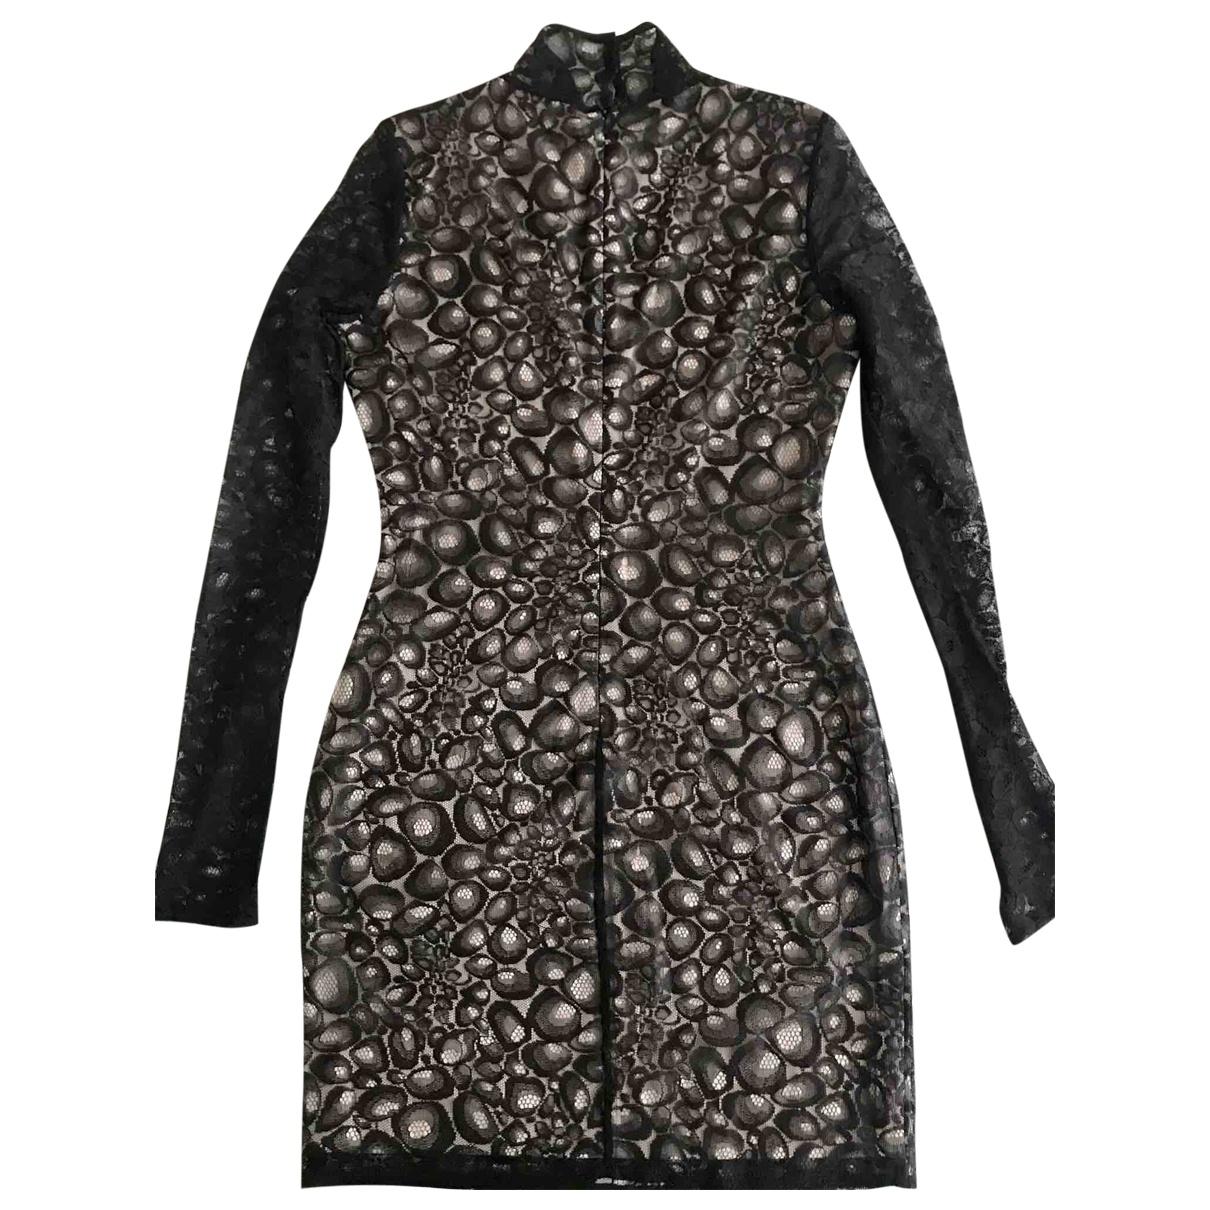 Diane Von Furstenberg \N Black Lace dress for Women 4 US